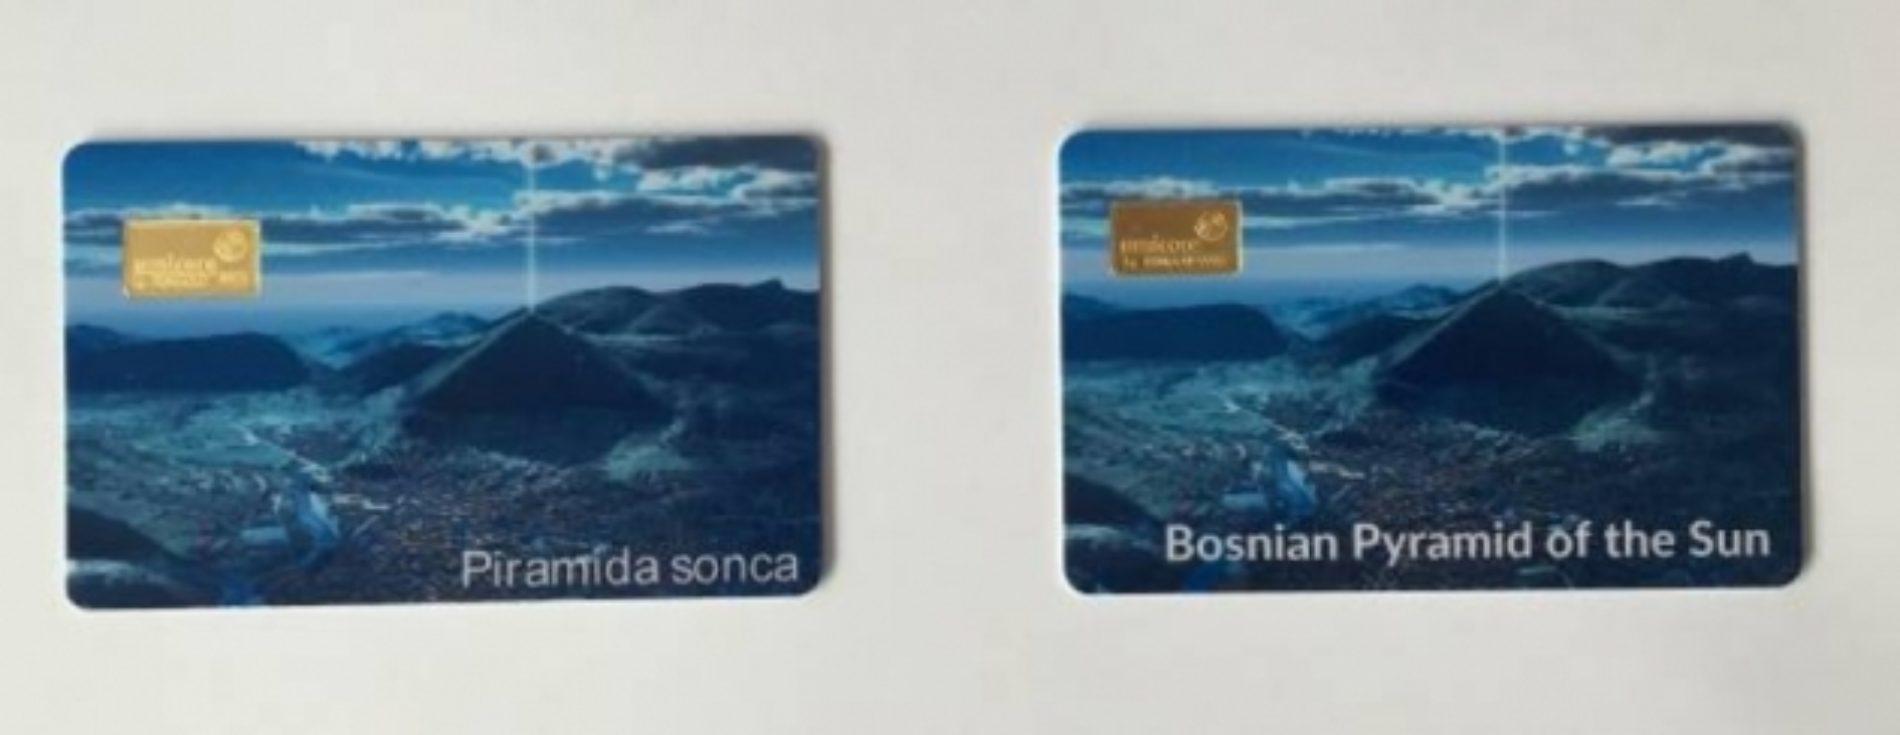 Slovenci znaju kako profitirati i od Bosanskih piramida